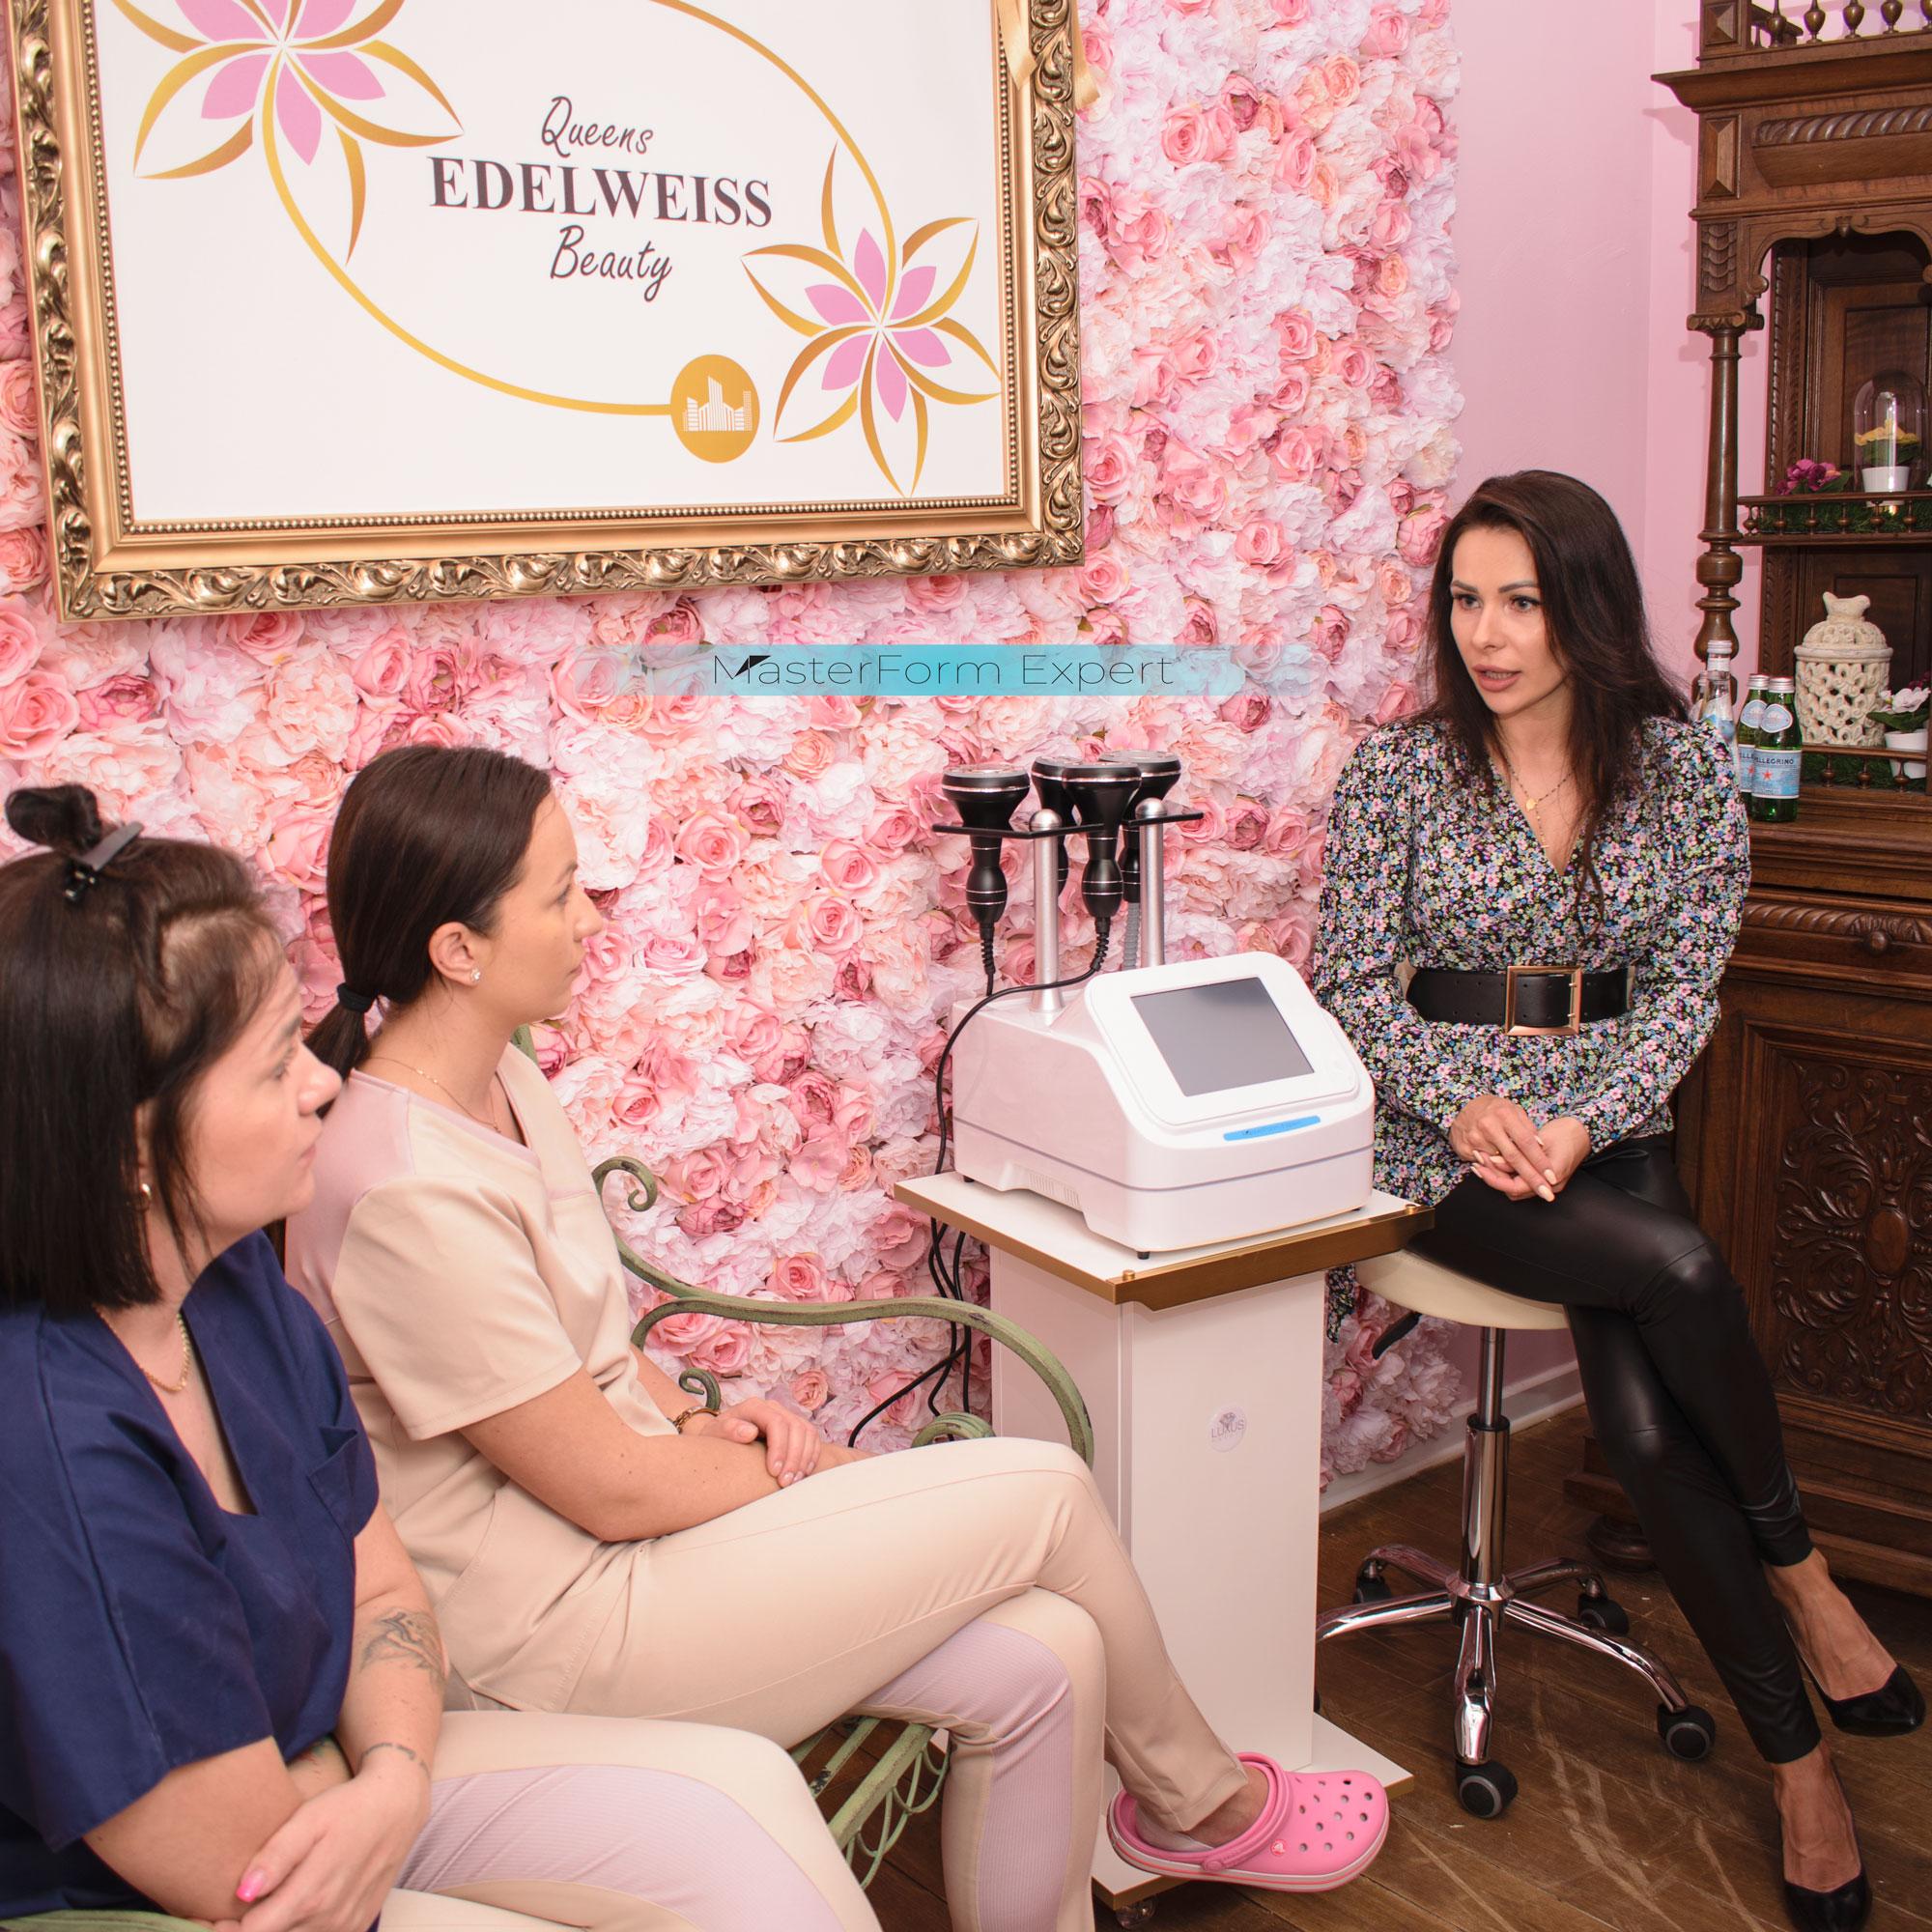 W szkoleniu bardzo ważnym etapem jest nauka teorytyczna na temat endermologii, fal radiowych, masażu próżniowego, liposukcji ultradźwiękowej i podczerwieni